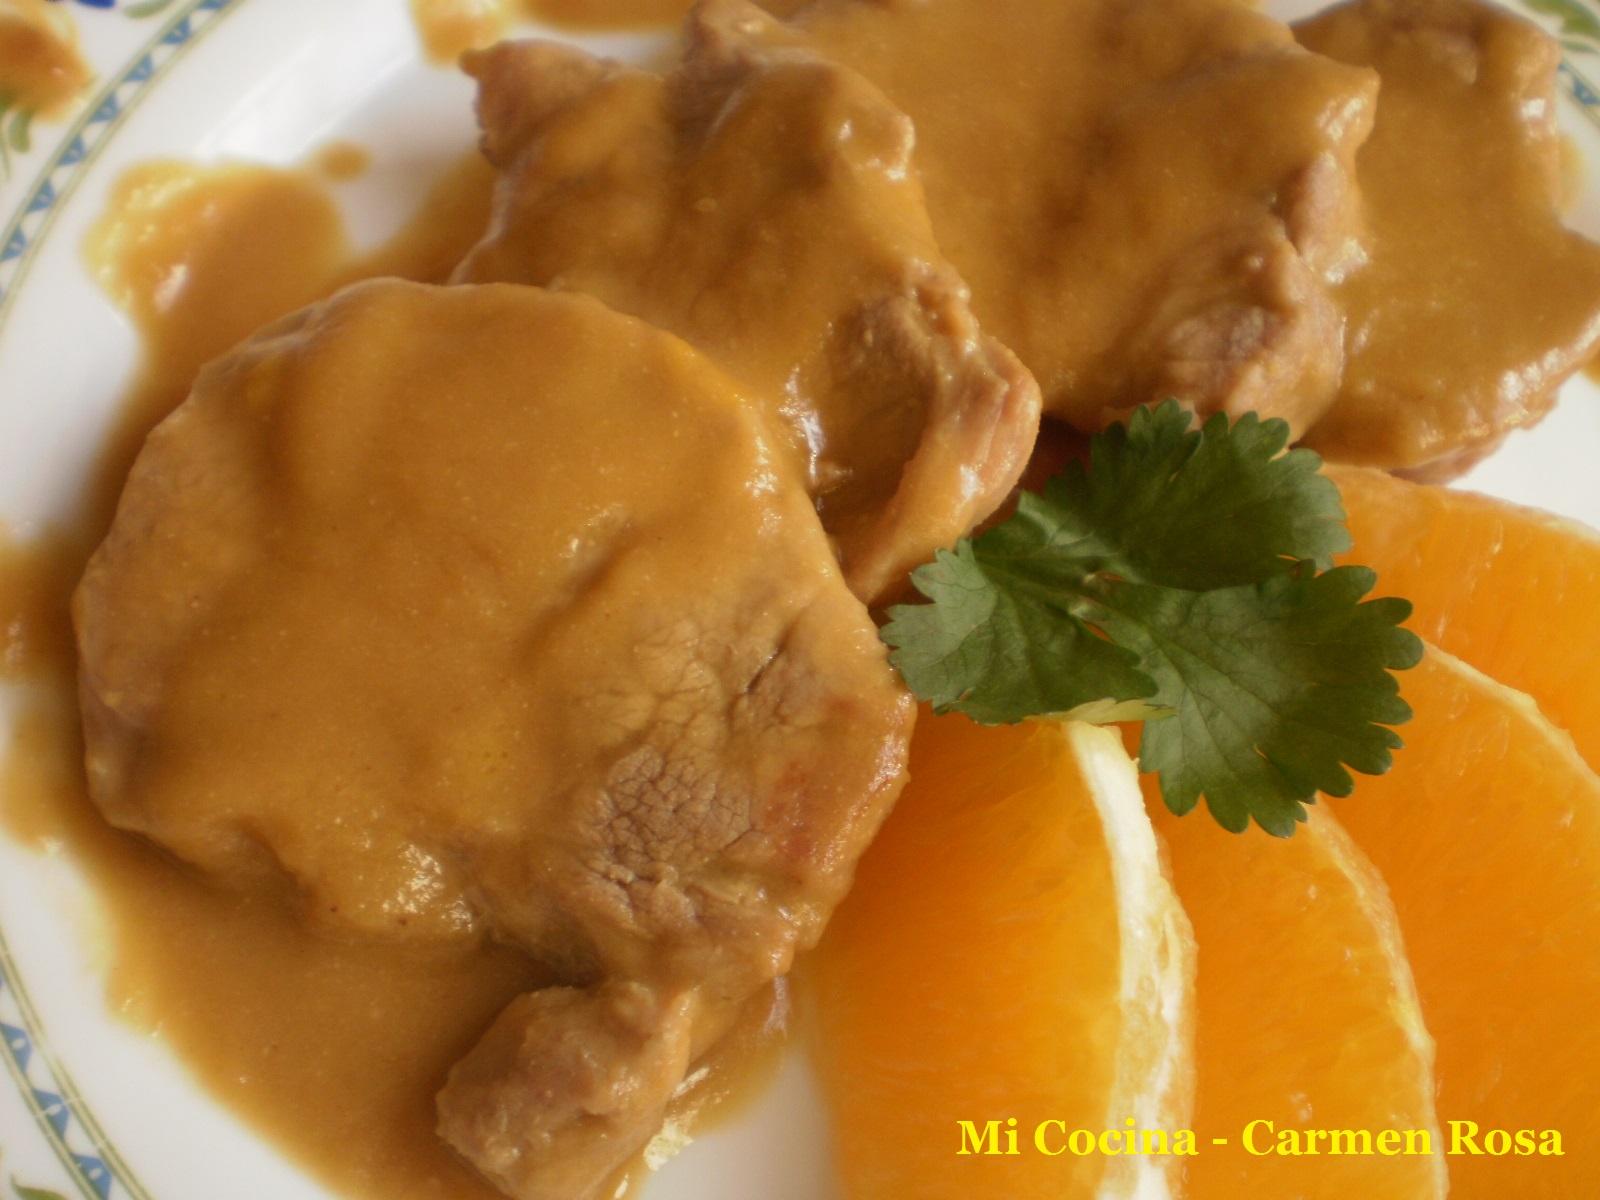 Mi cocina solomillo en salsa de naranjas de malaga for Mi cocina malaga